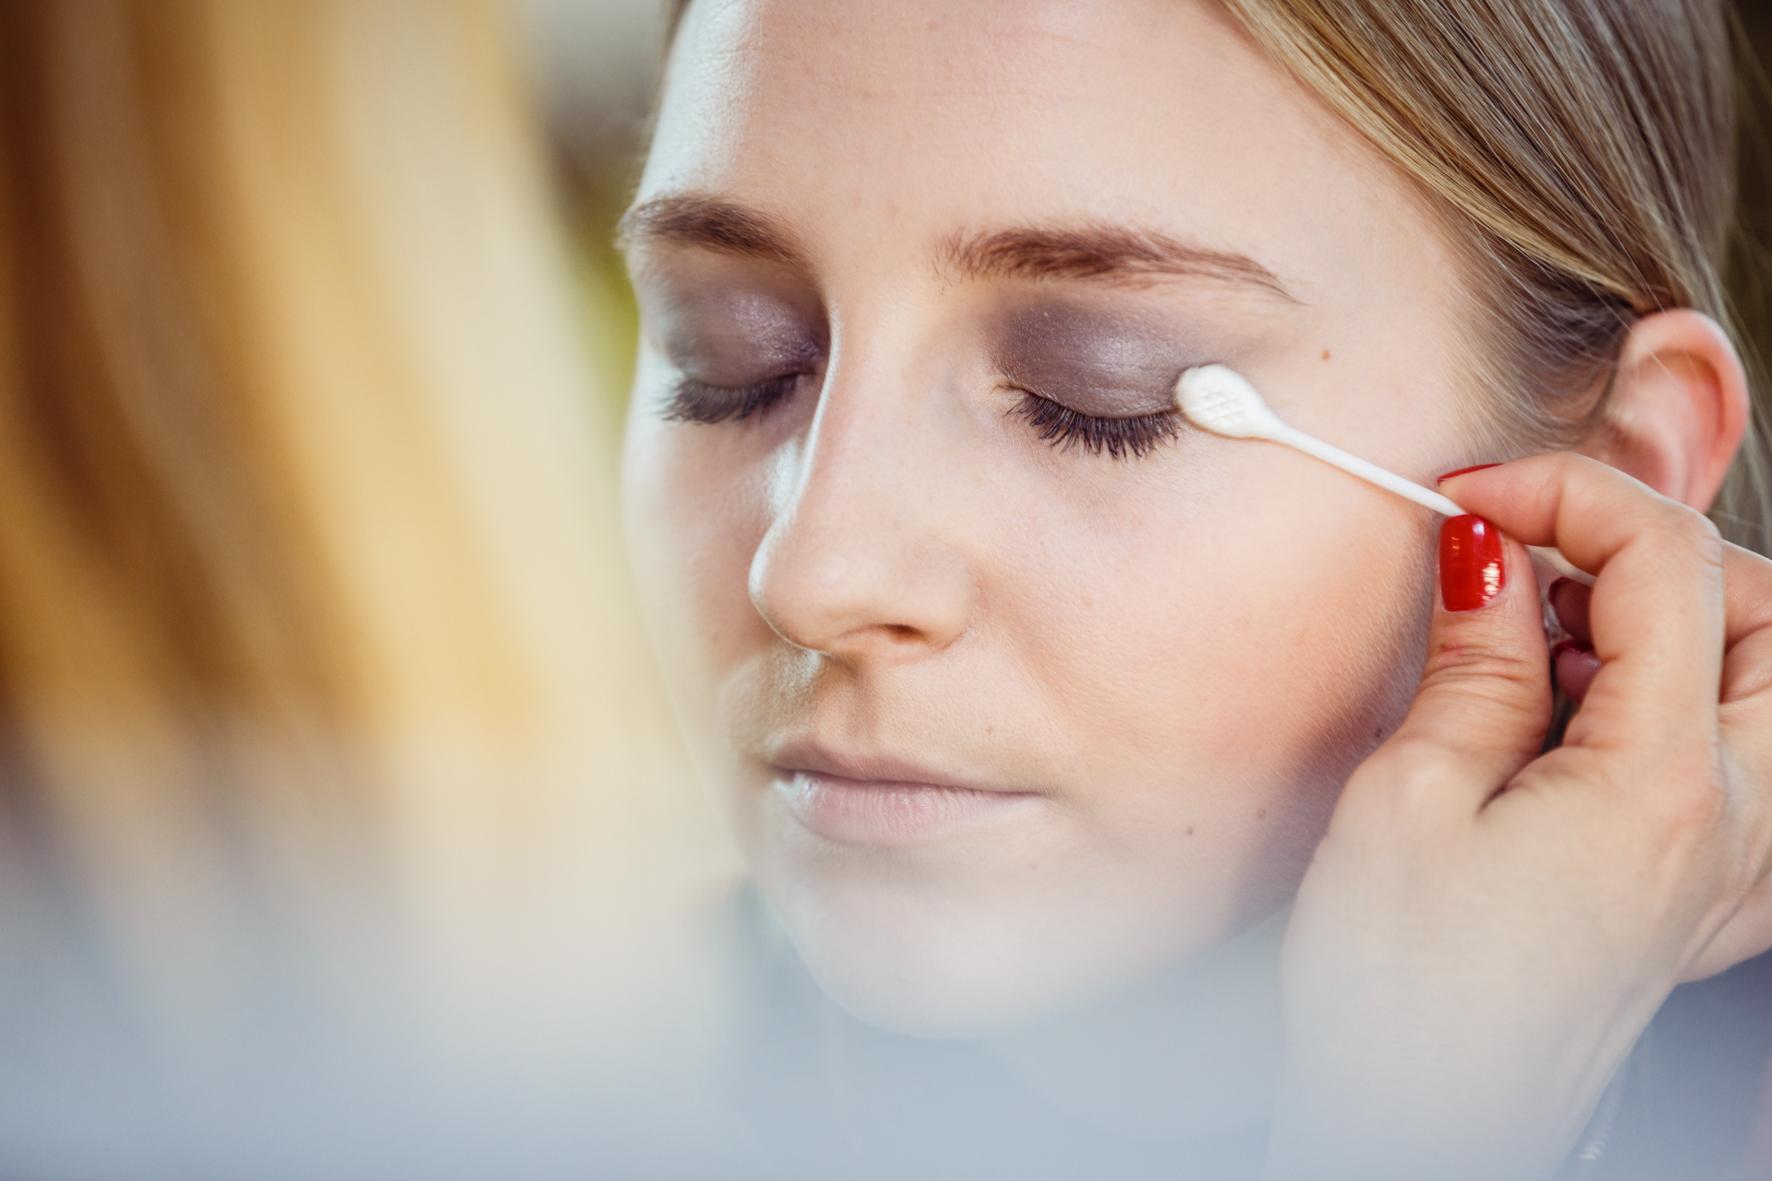 dm-trend-it-up-neuheiten-beauty-make-up-muc_191